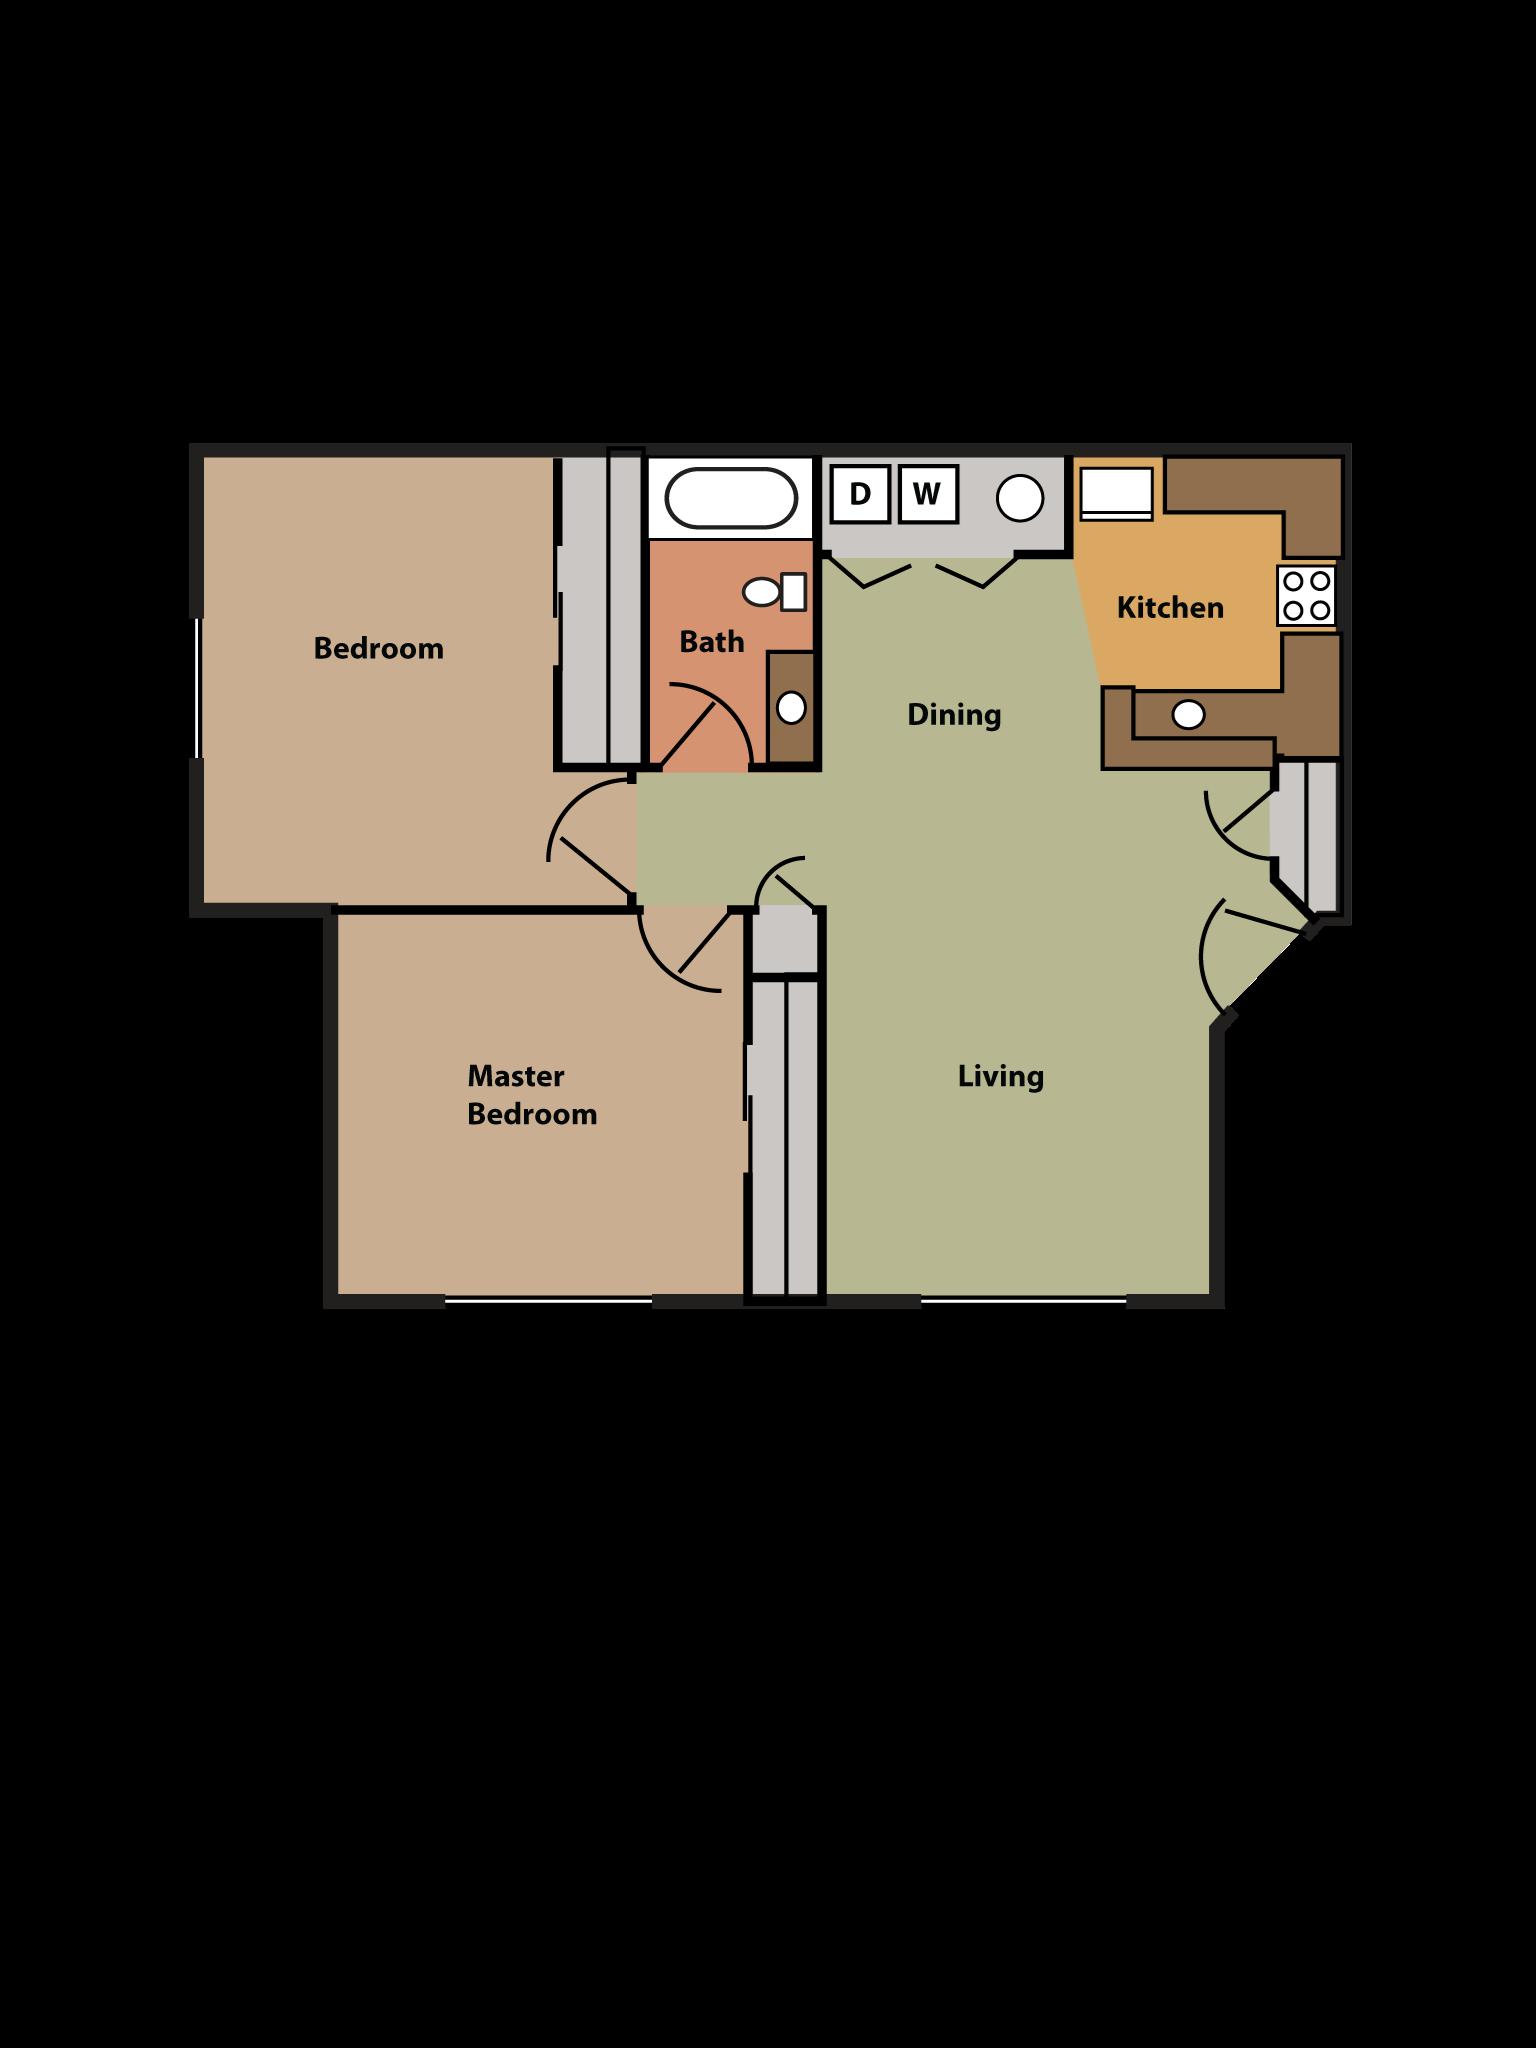 2 Bed, 1 Bath Floor Plan 2